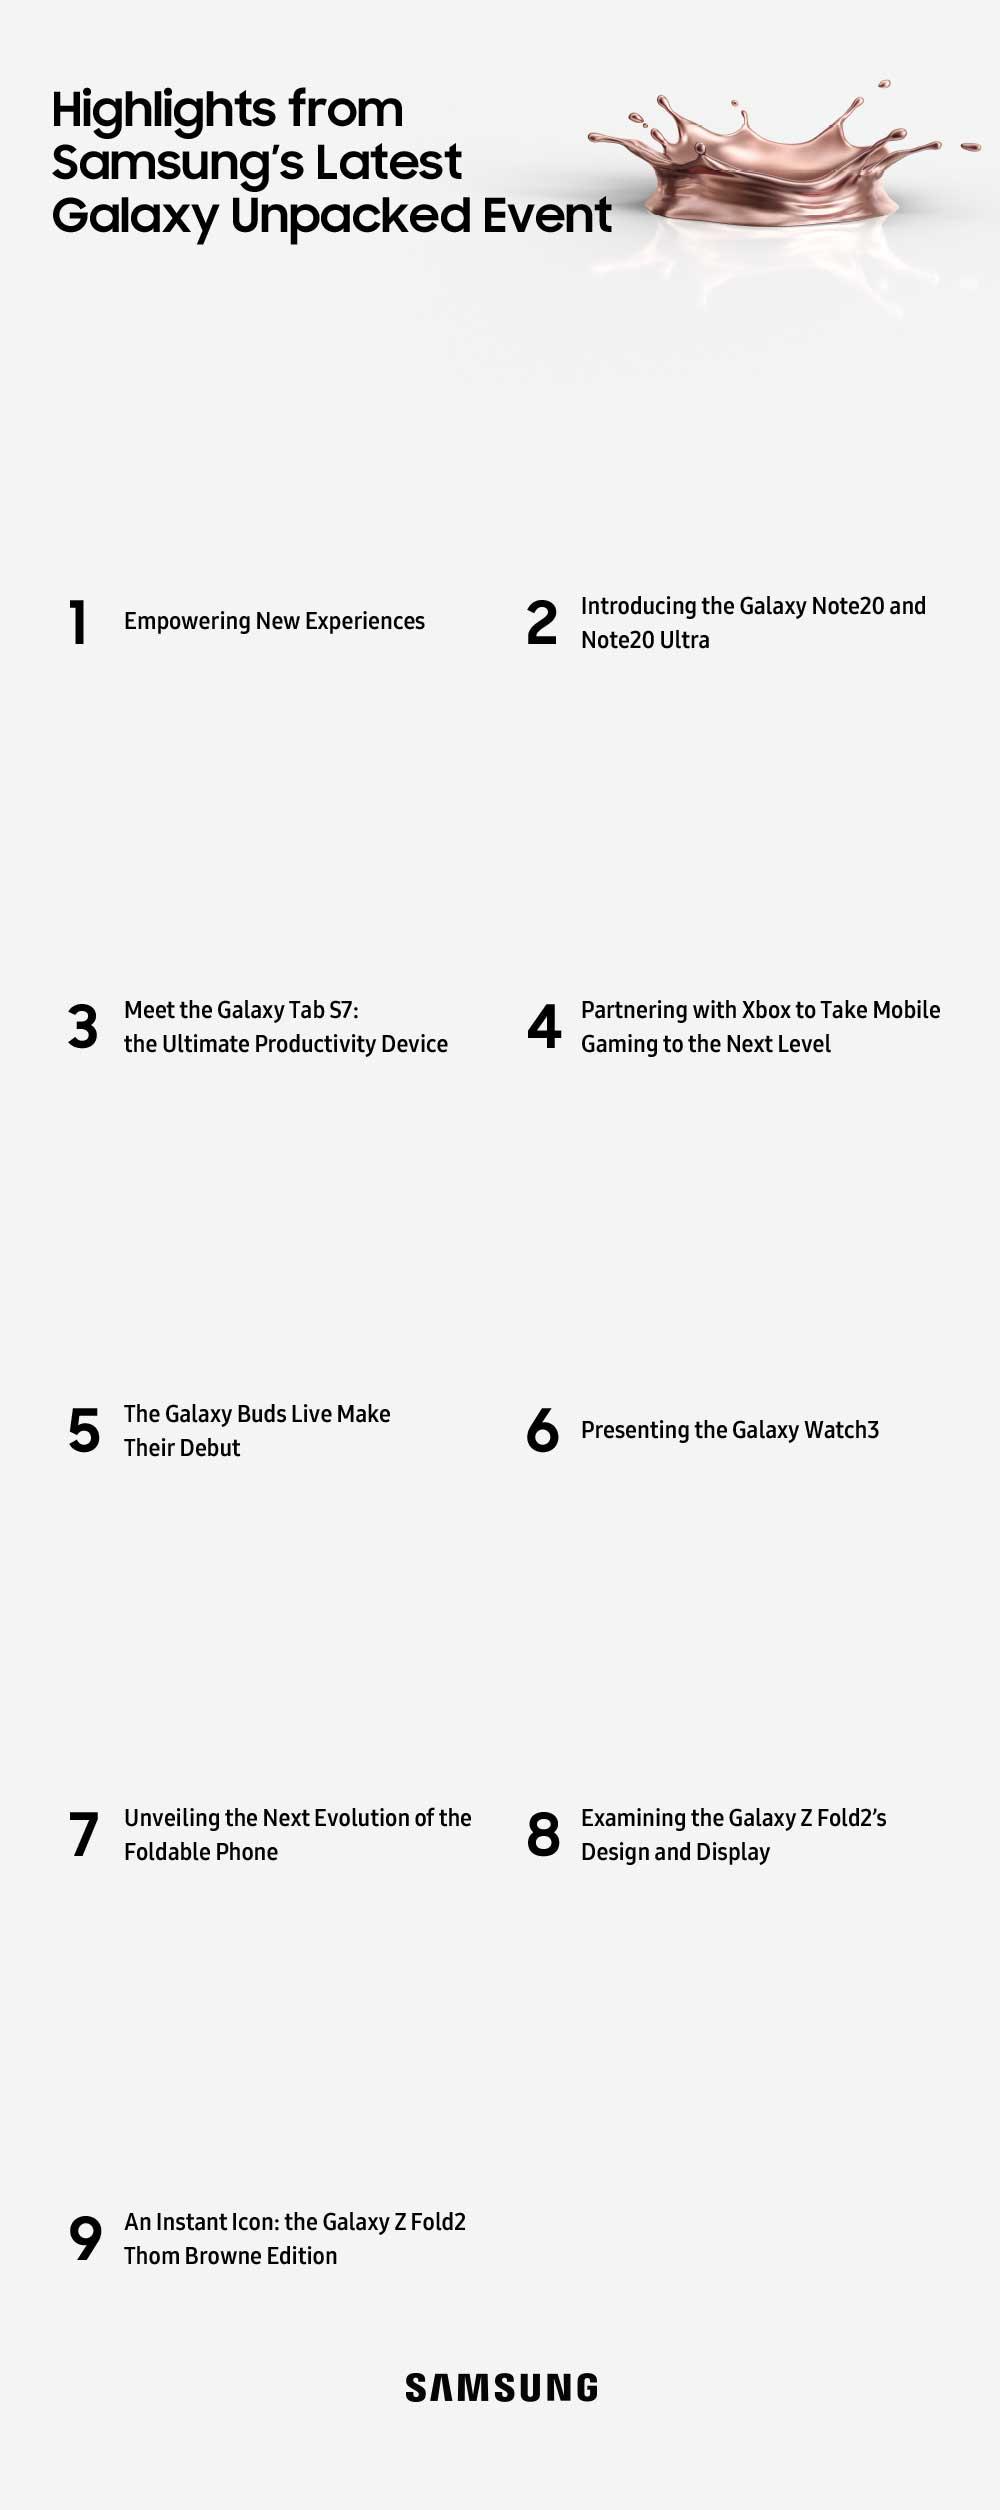 Aspectos destacados del último evento Galaxy Unpacked de Samsung